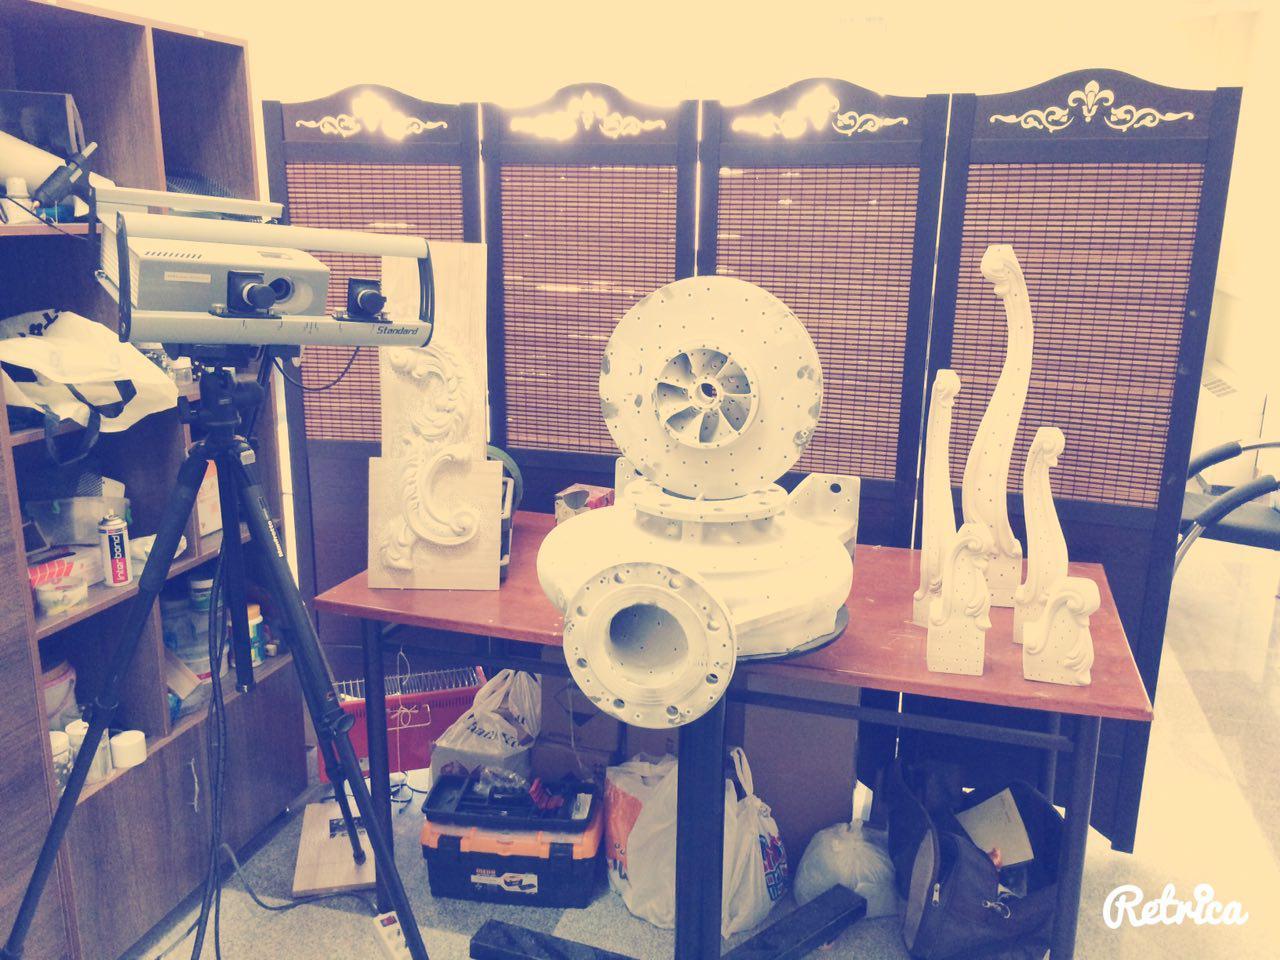 اسکن سه بعدی انواع قطعات صنعتی و تزیینی